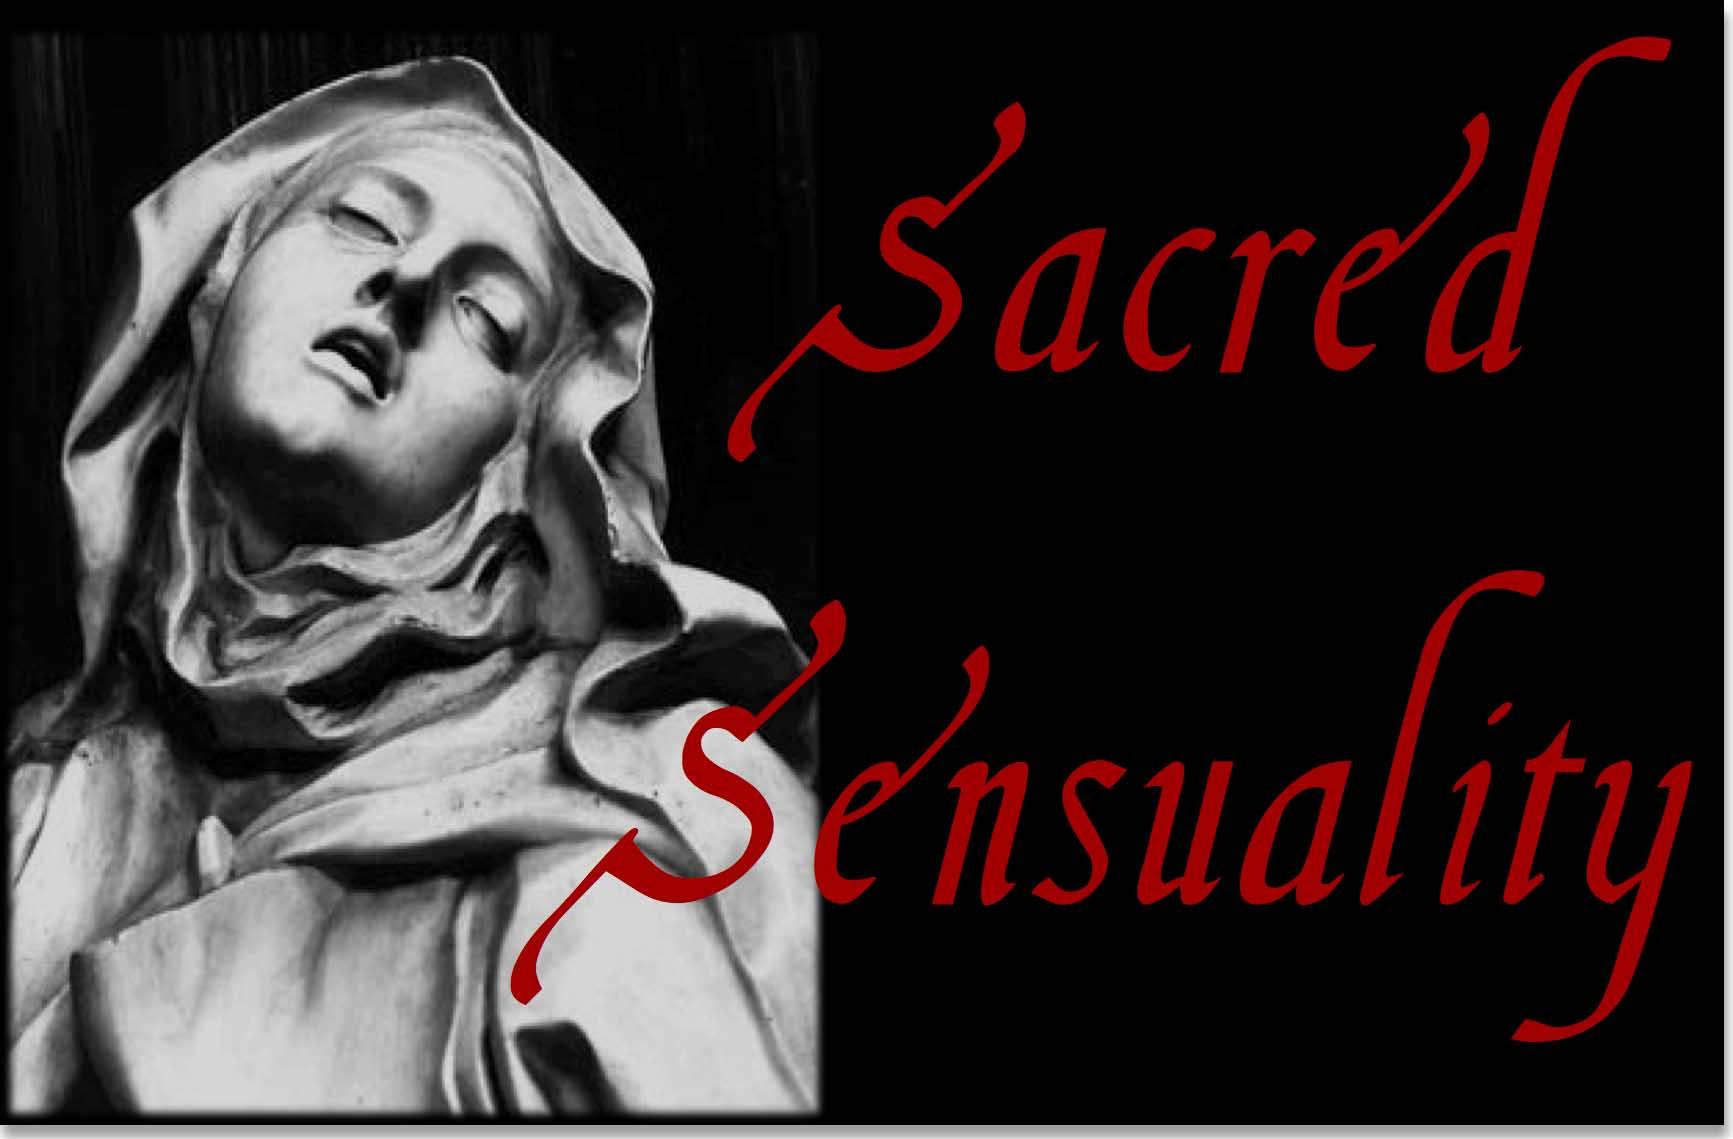 5SacredSensuality small